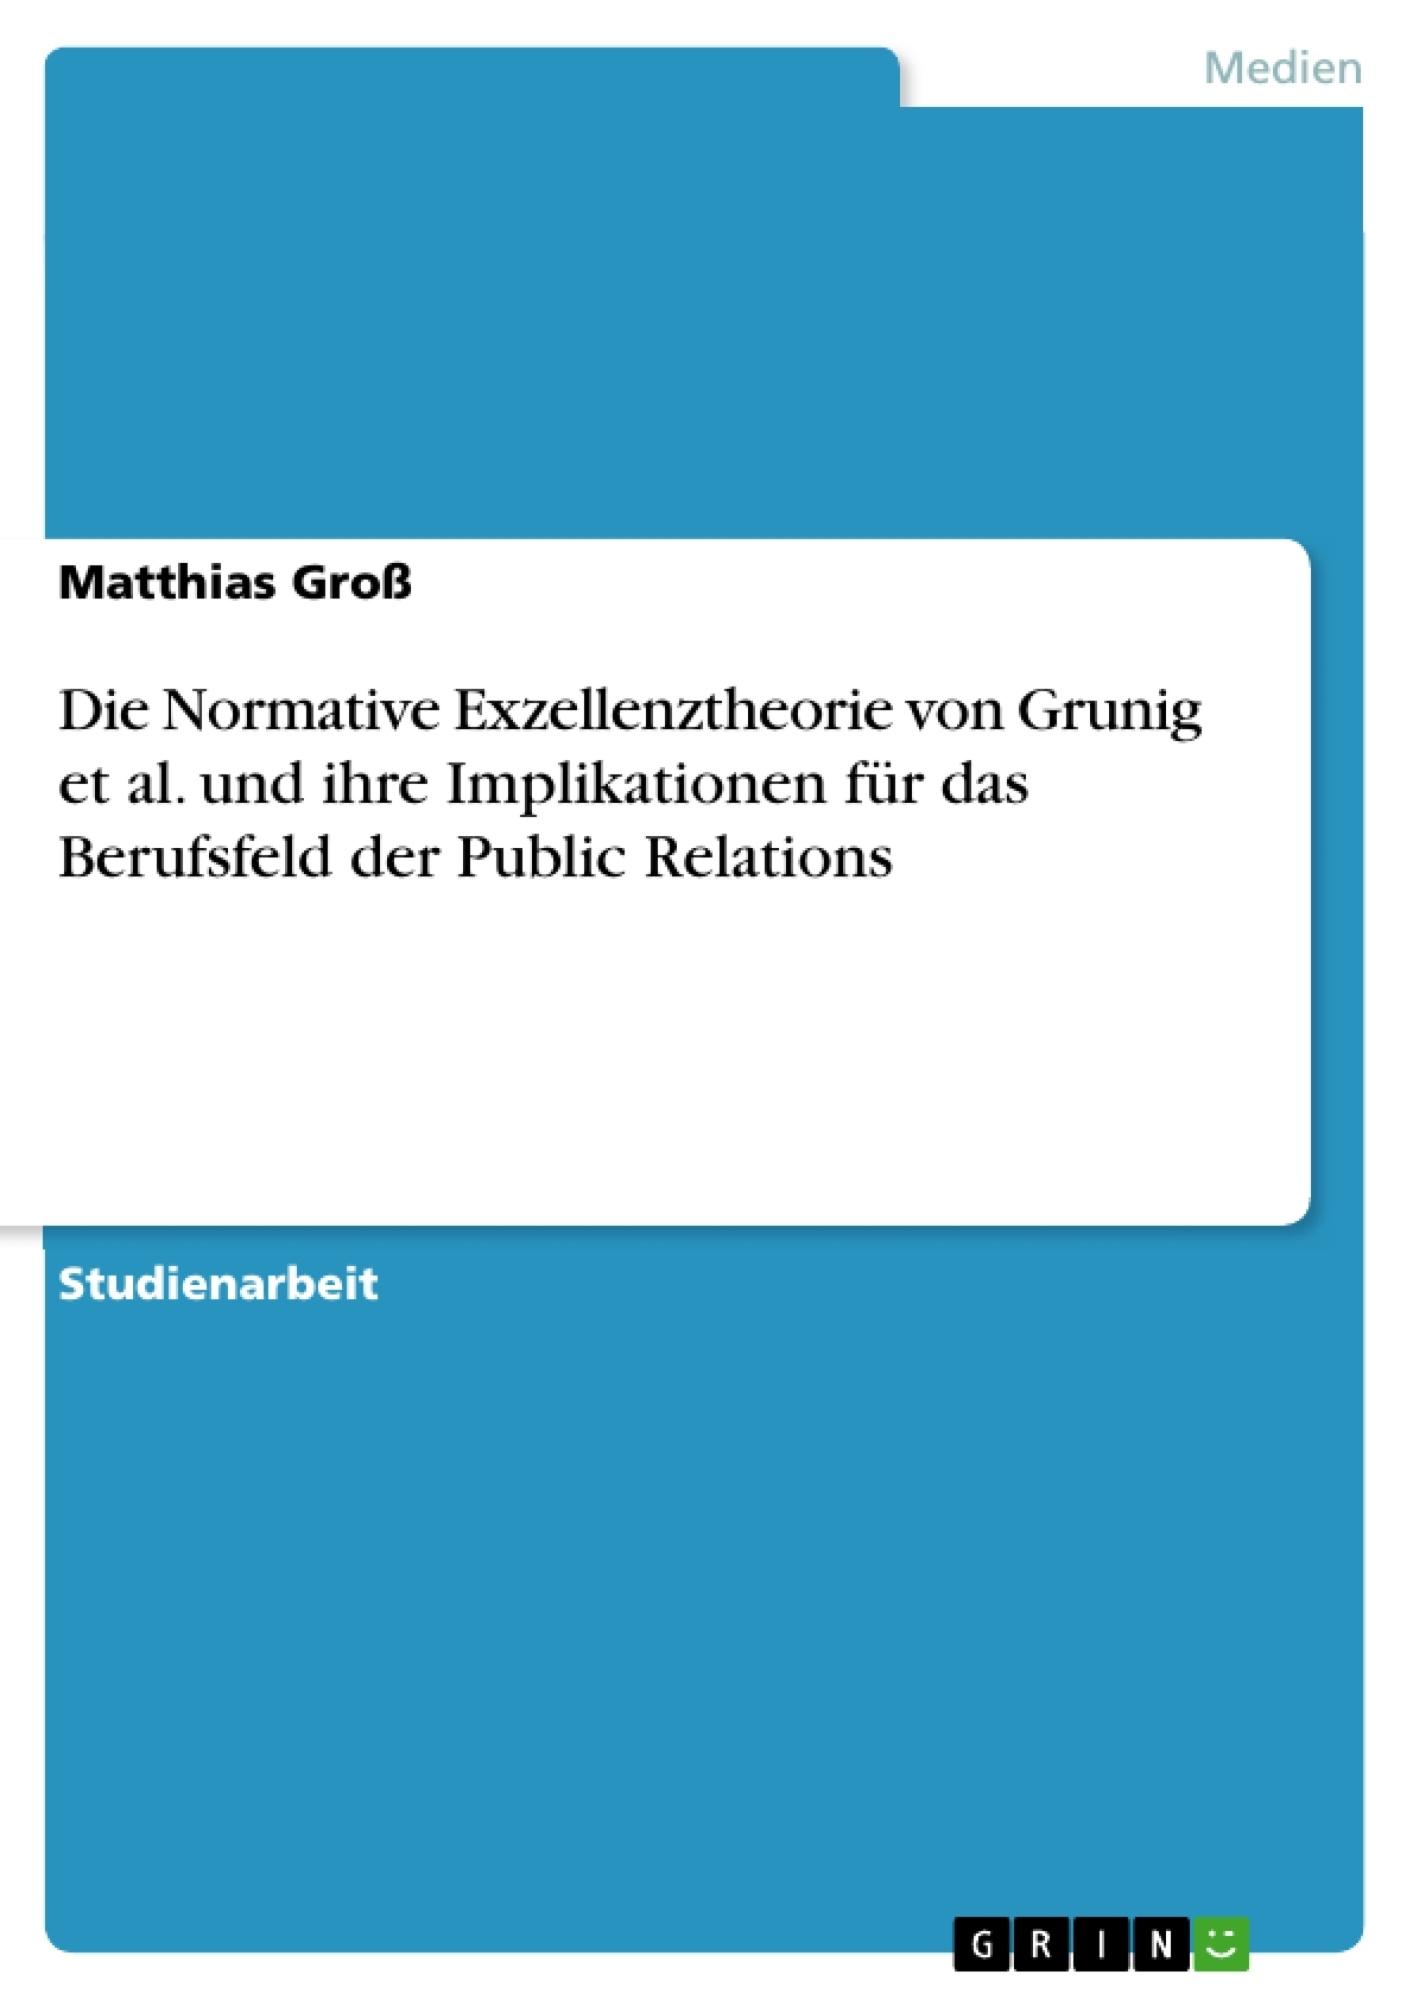 Titel: Die Normative Exzellenztheorie von Grunig et al. und ihre Implikationen für das Berufsfeld der Public Relations